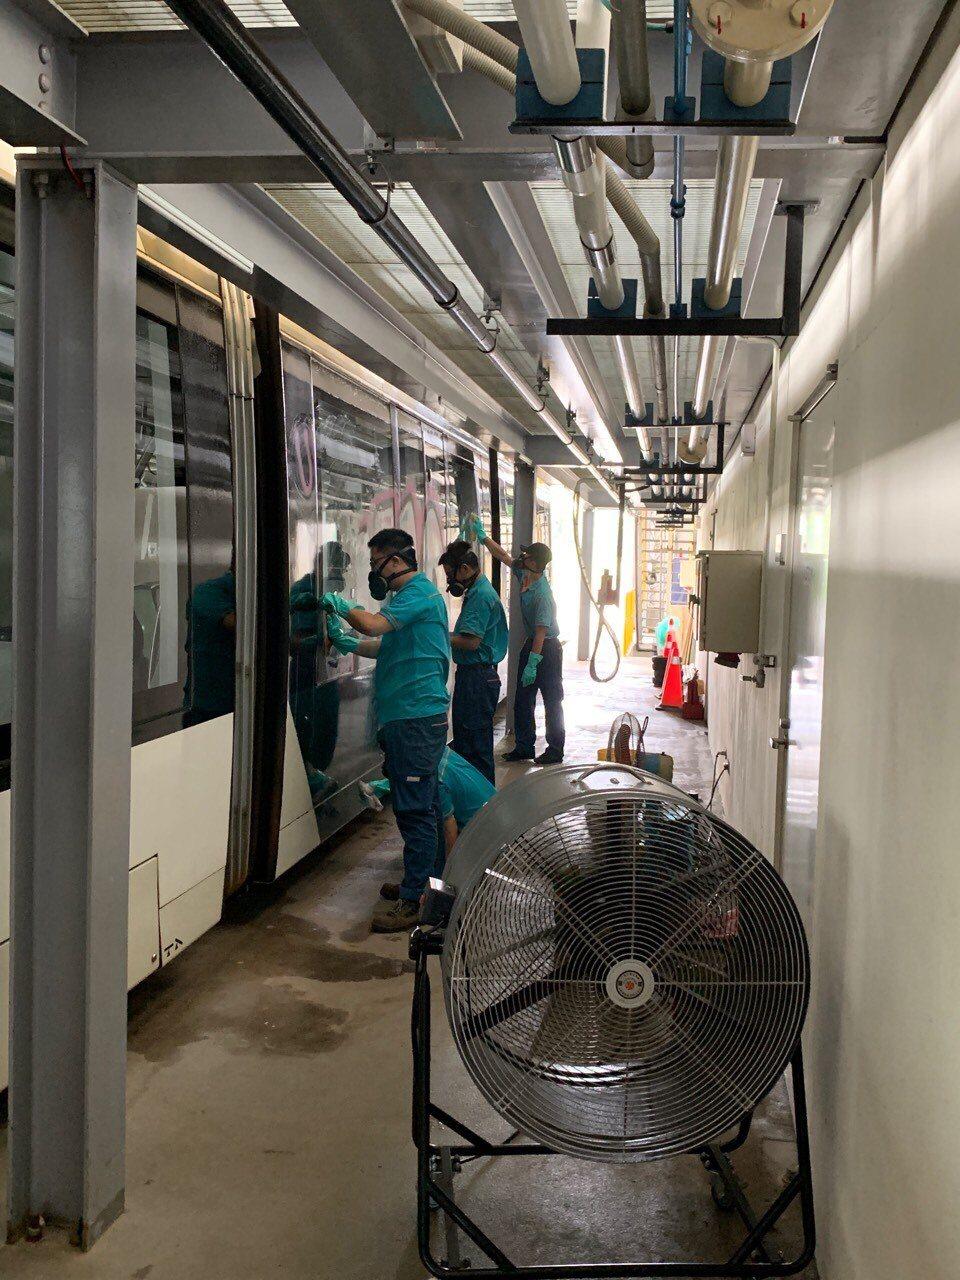 高雄捷運公司人員清除輕軌列車車廂上的塗鴉。圖/高雄捷運公司提供